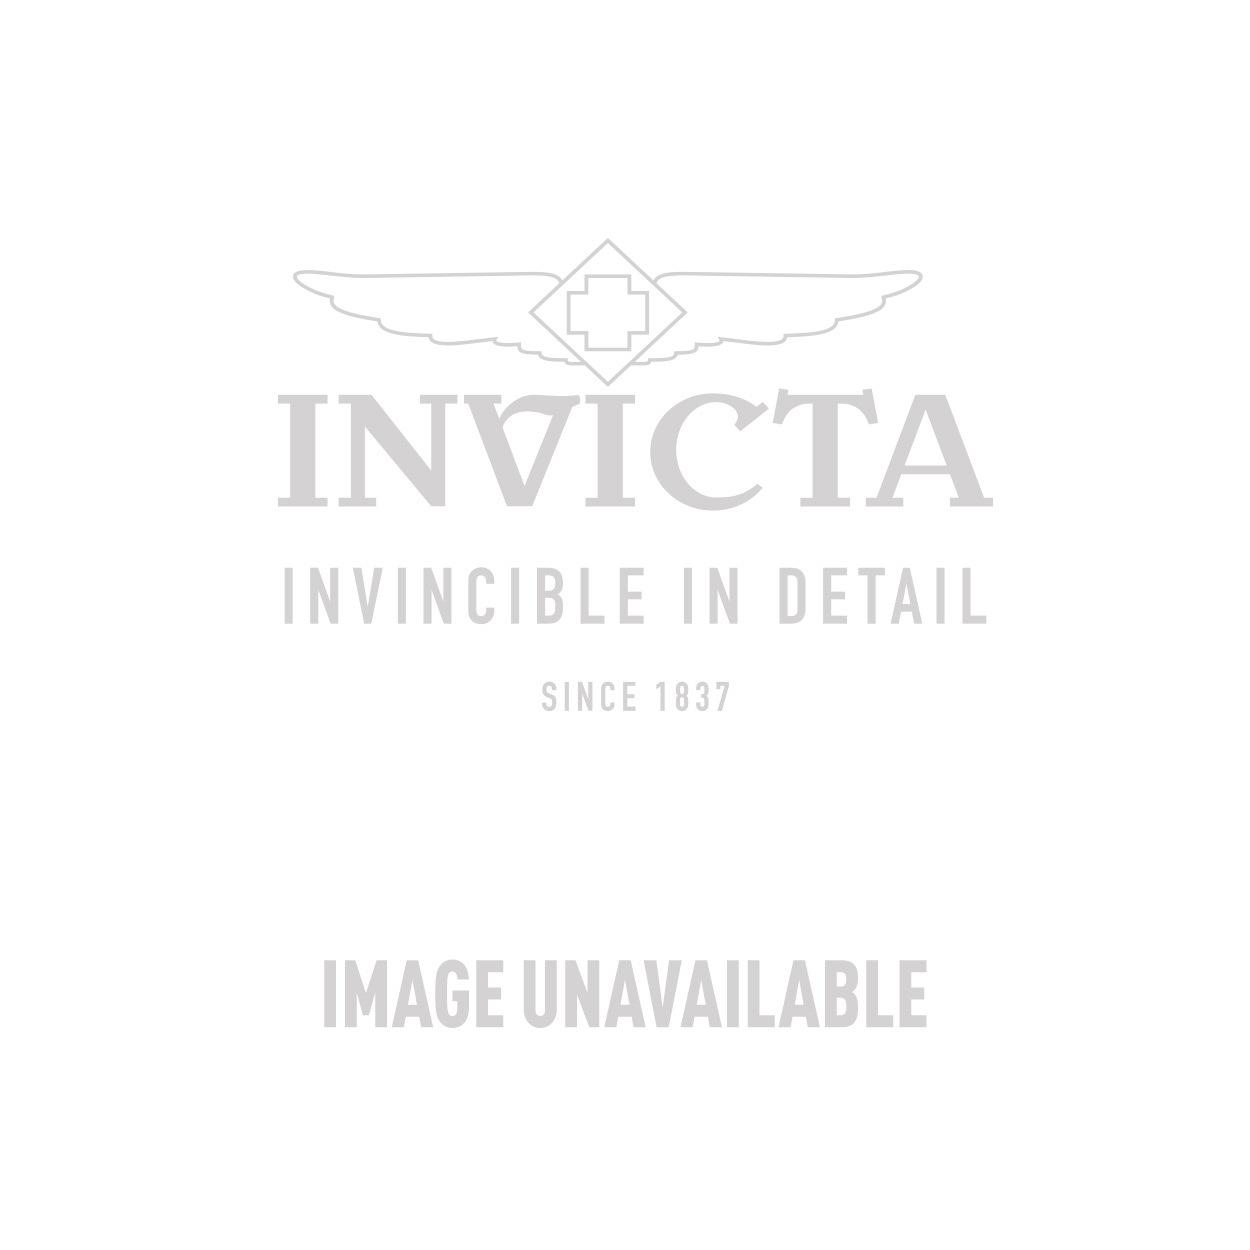 Invicta Model 22553